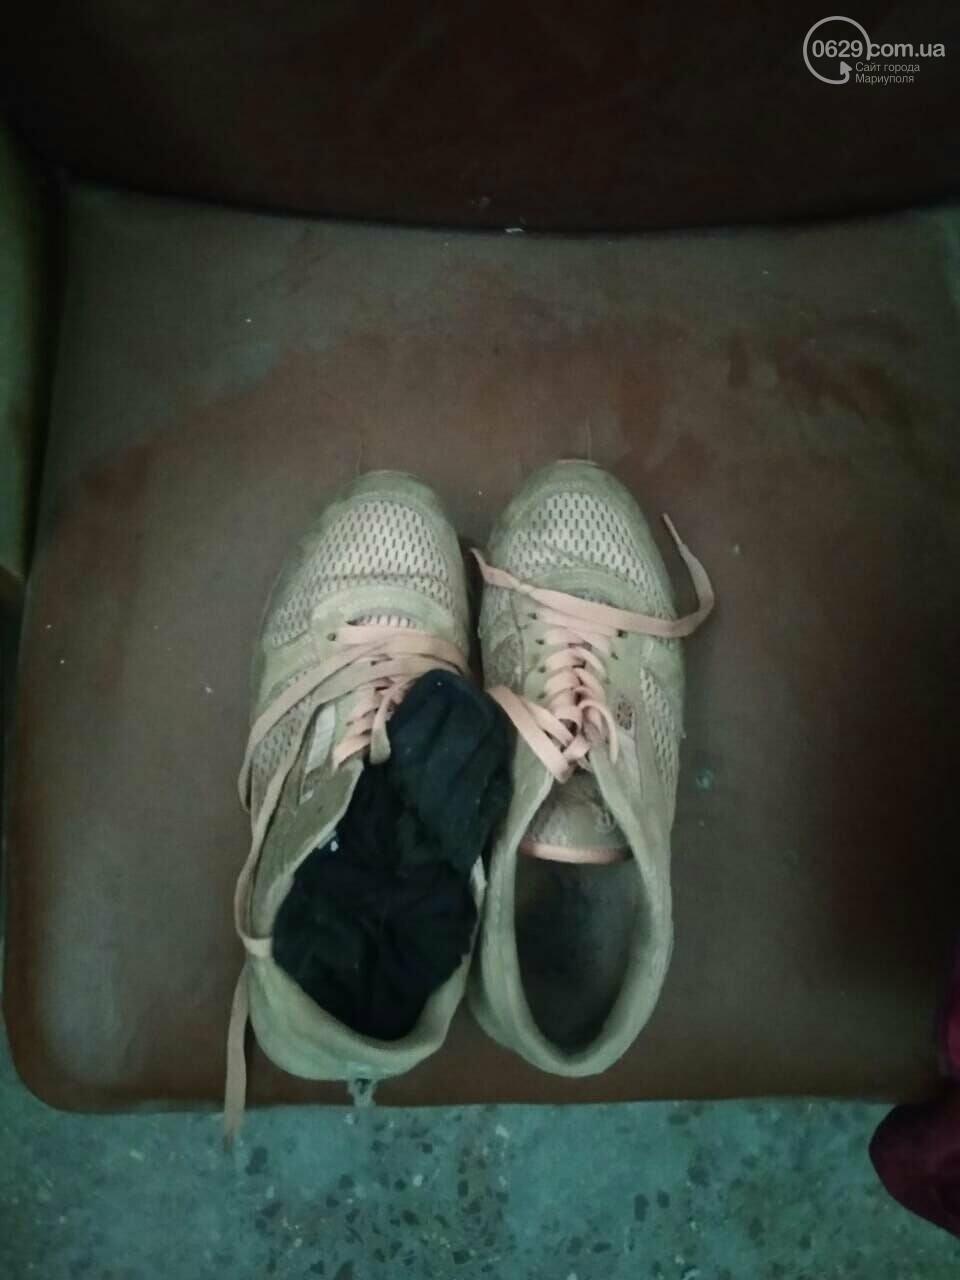 Мариупольчанку в наркотической коме забрали в реанимацию, - ФОТО, фото-4